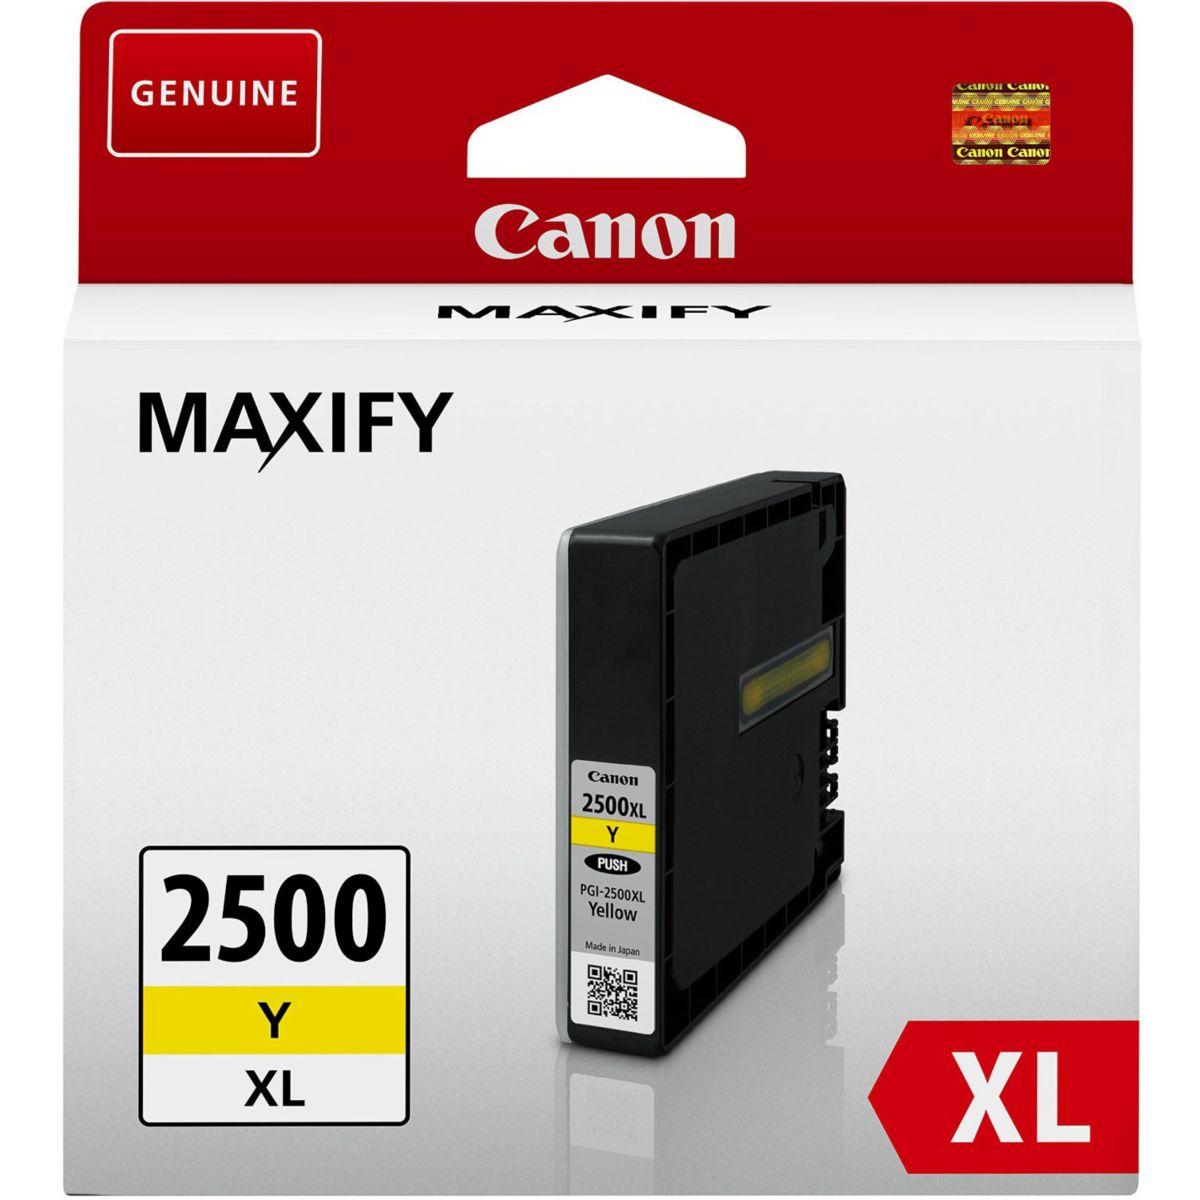 Cartouche d'encre canon pgi 2500 xl jaune - 2% de remise ...